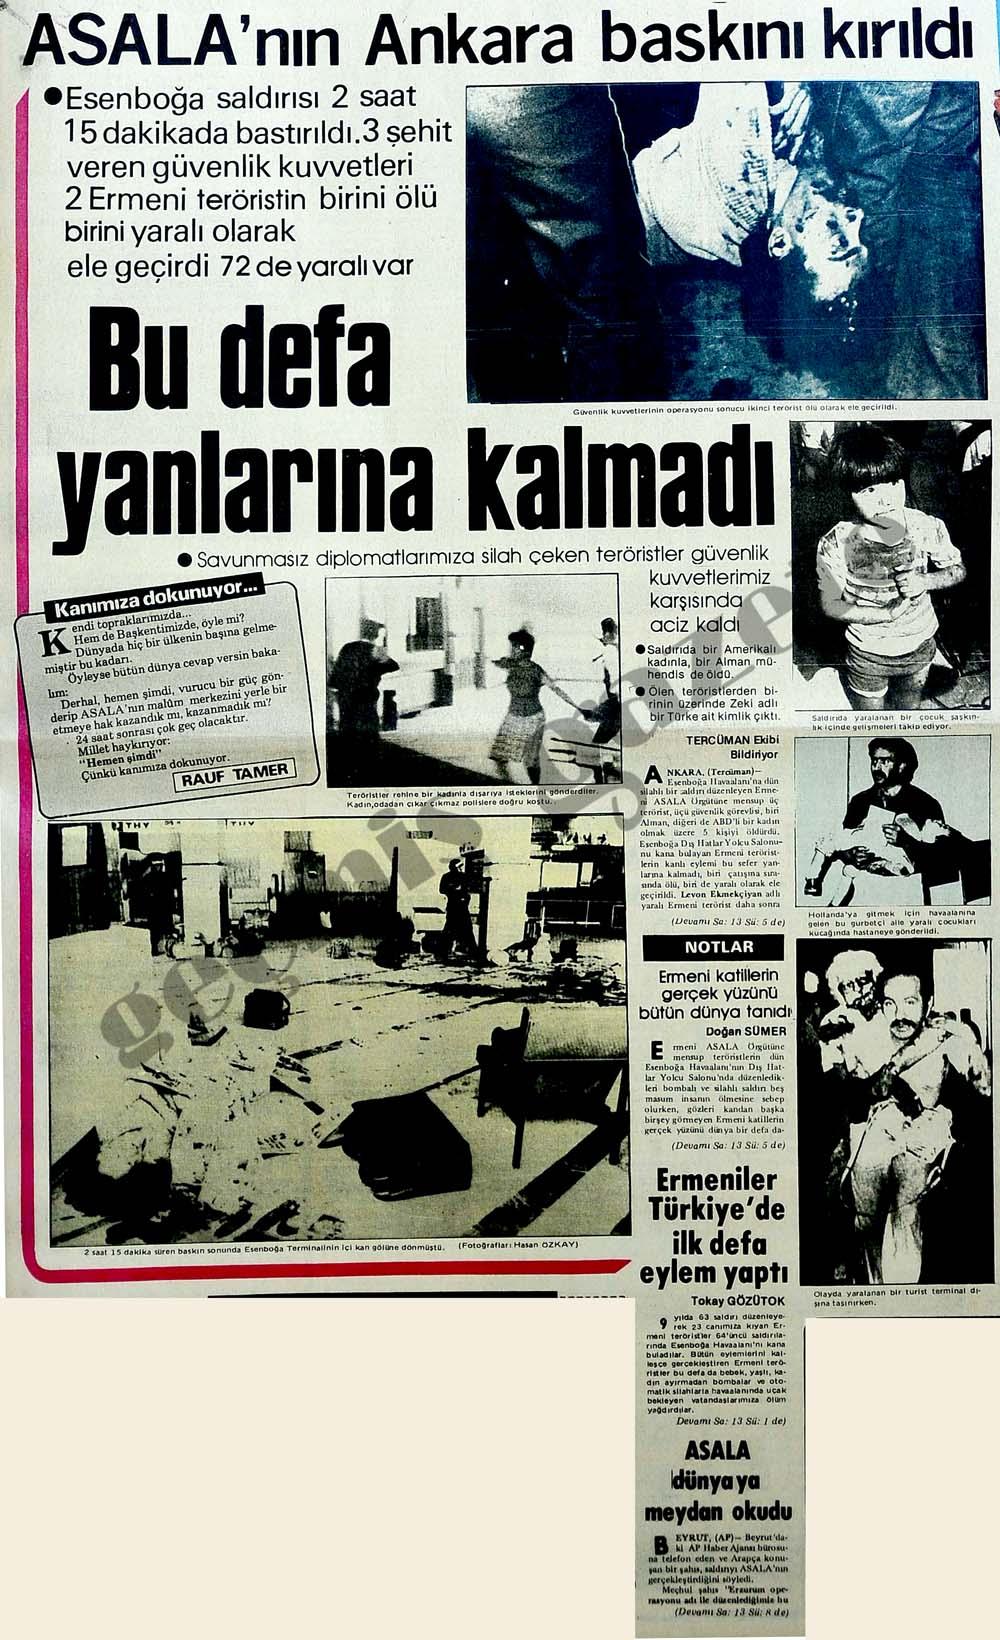 Asalan'nın Ankara baskını kırıldı bu defa yanlarına kalmadı